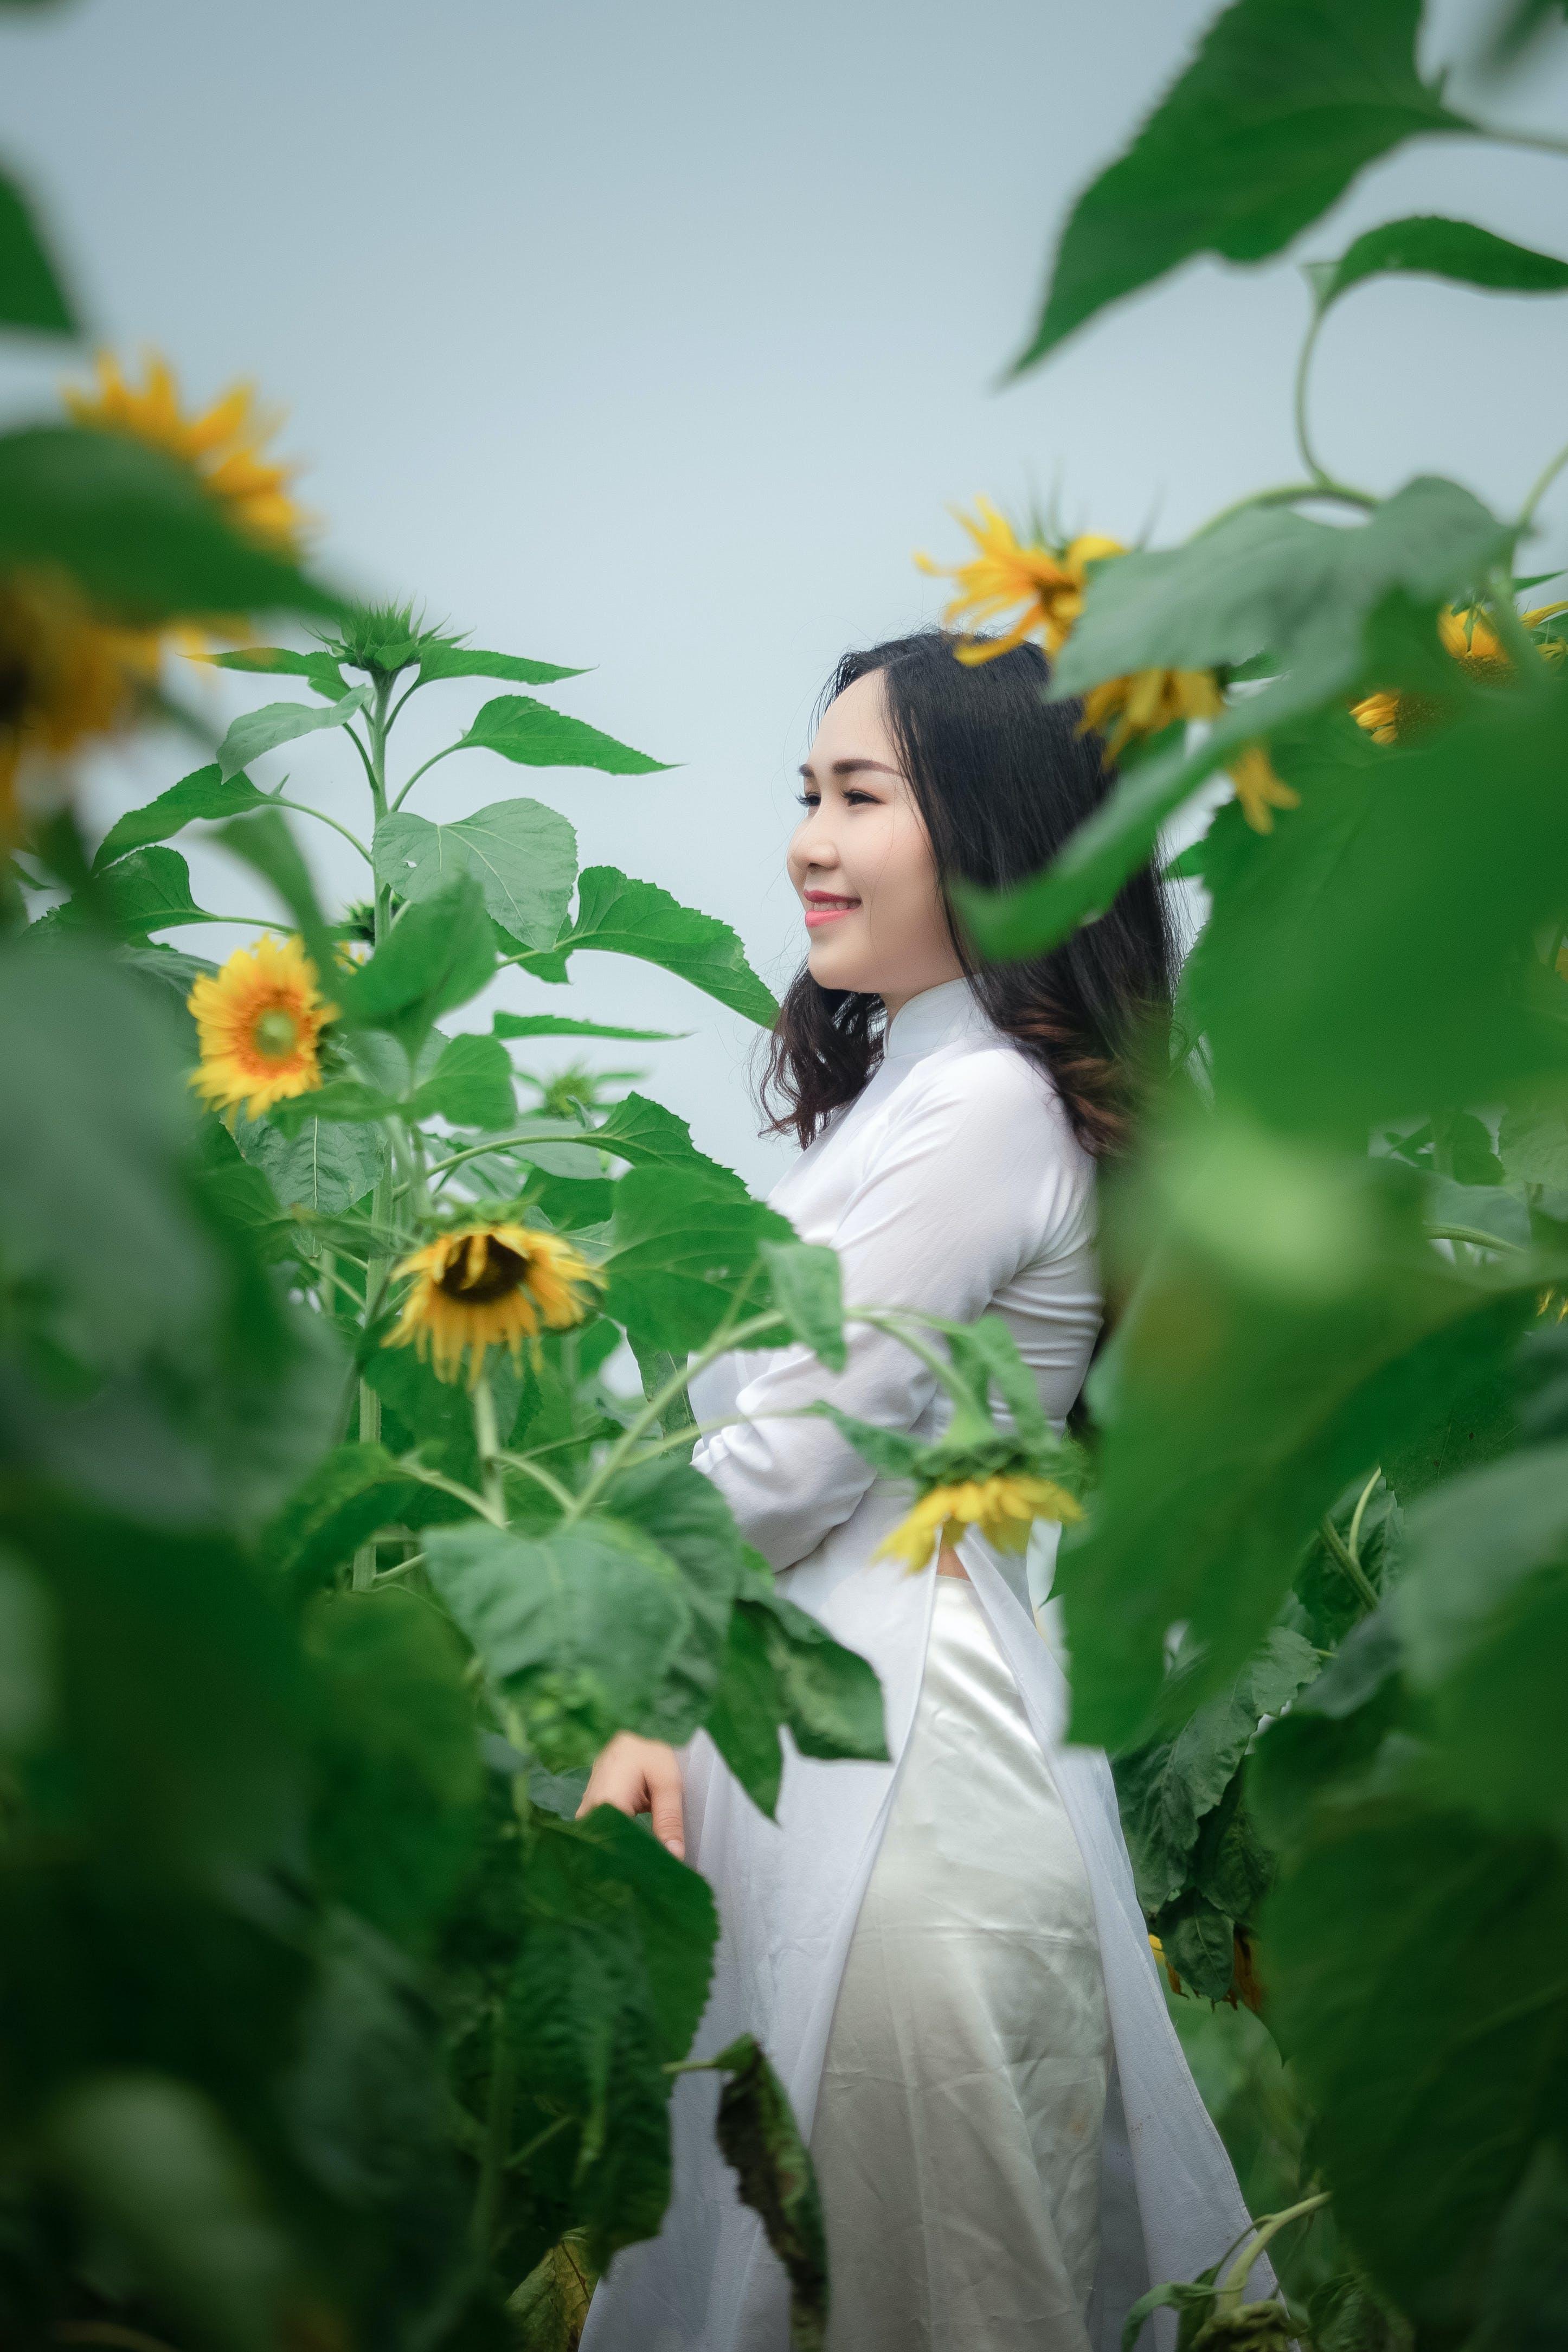 亞洲女人, 亞洲女孩, 側面圖, 傳統服飾 的 免费素材照片